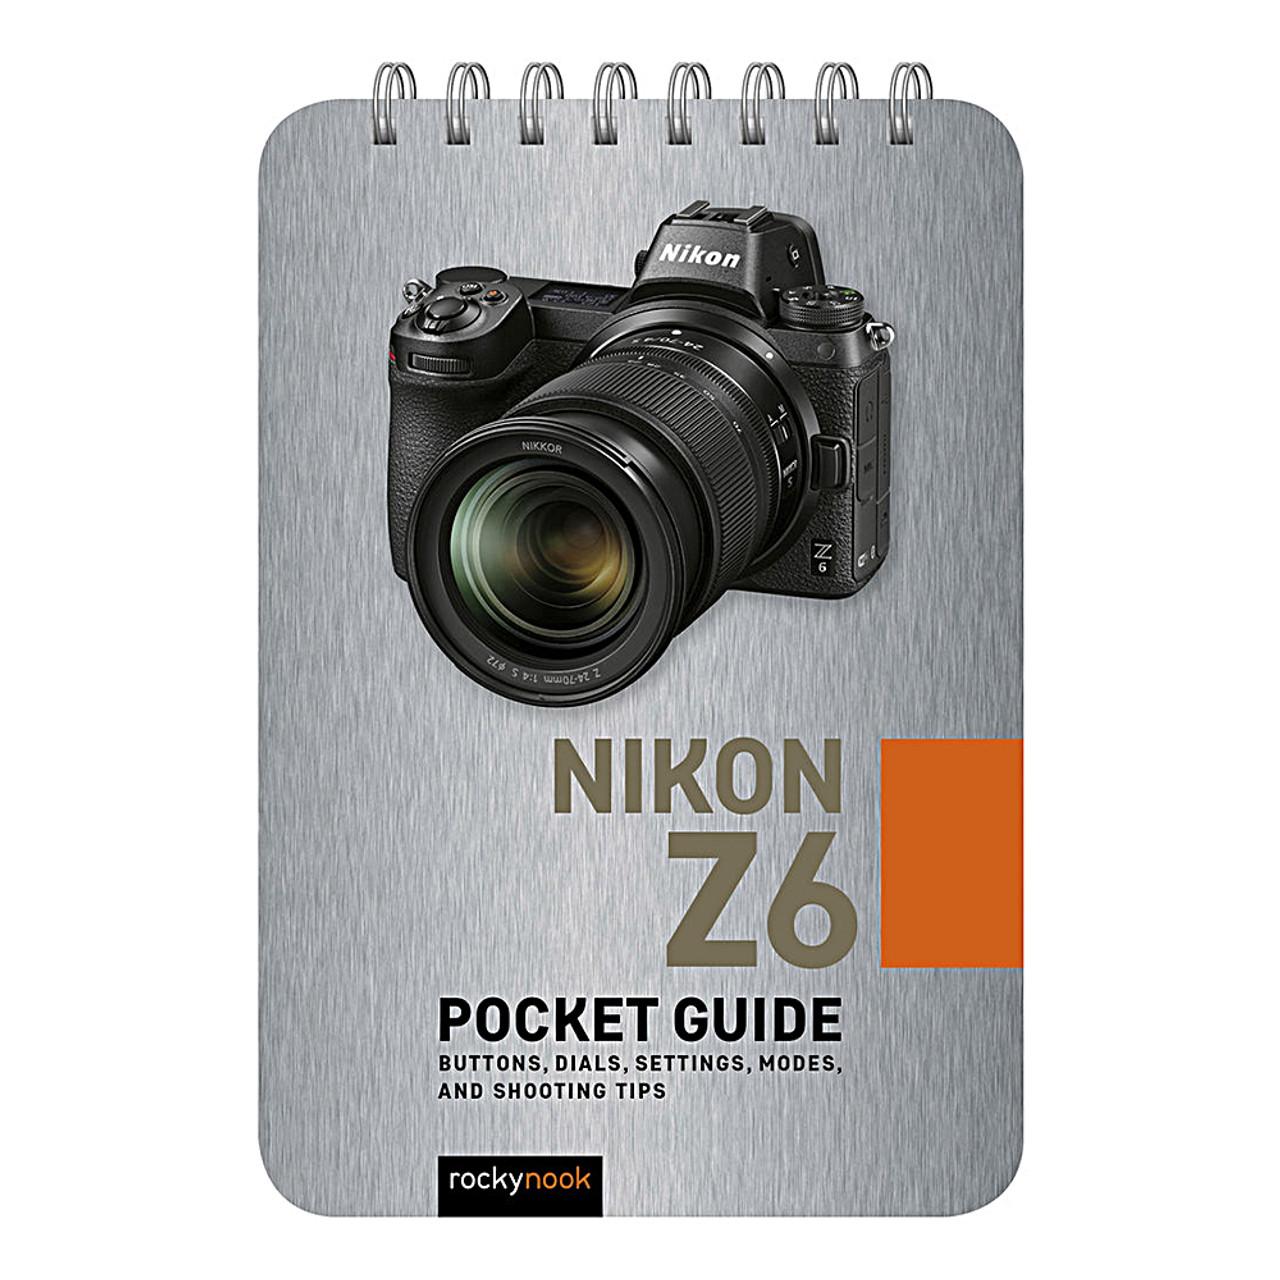 NIKON Z6 POCKET GUIDE